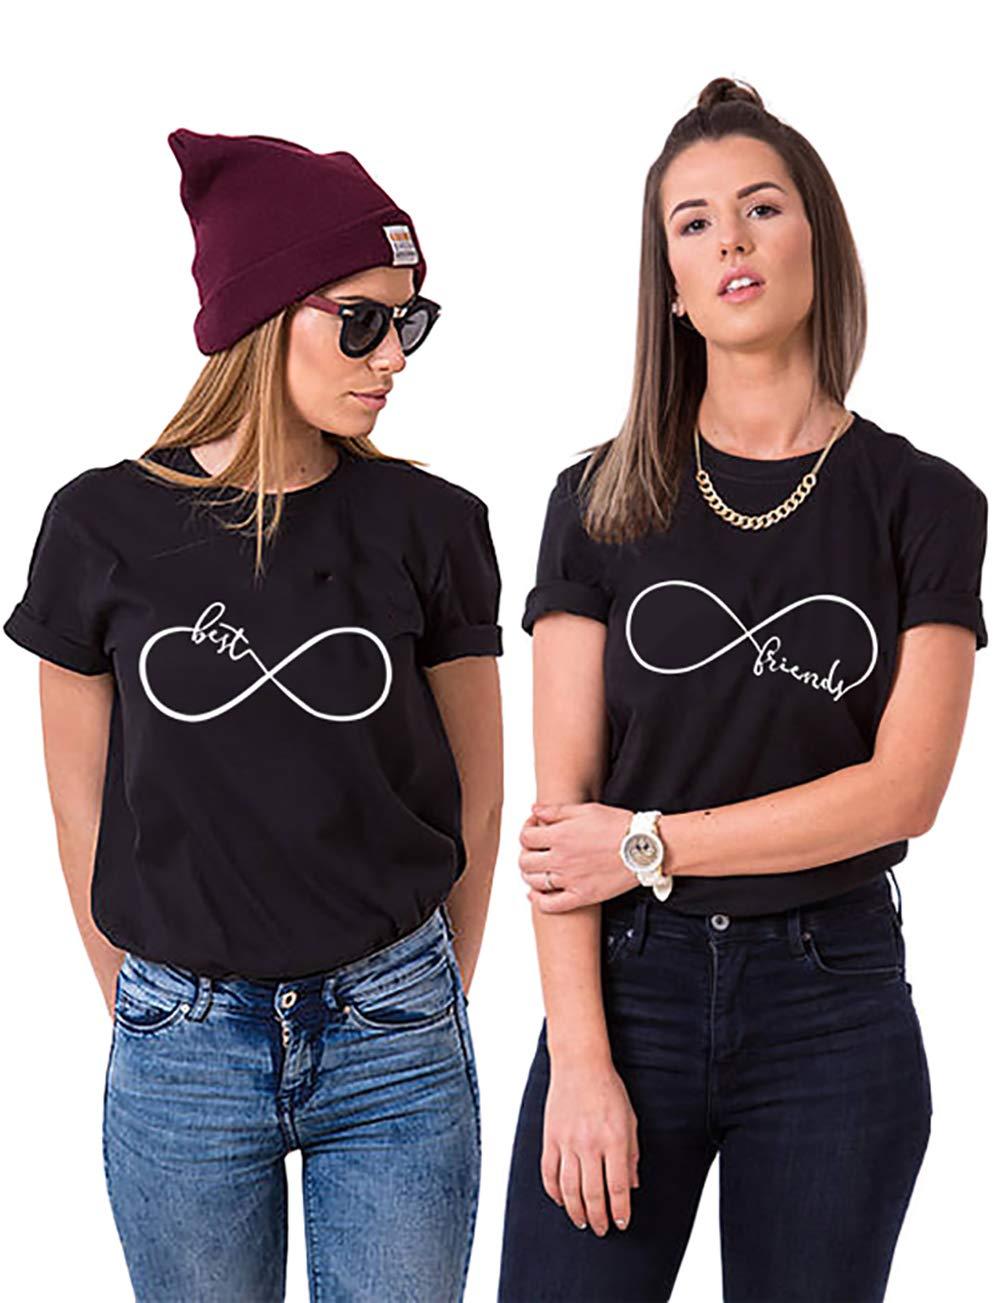 Best Friend T-Shirt für 2 BFF Sister Shirt Damen Sommer Oberteil BFF Geschenke Bild